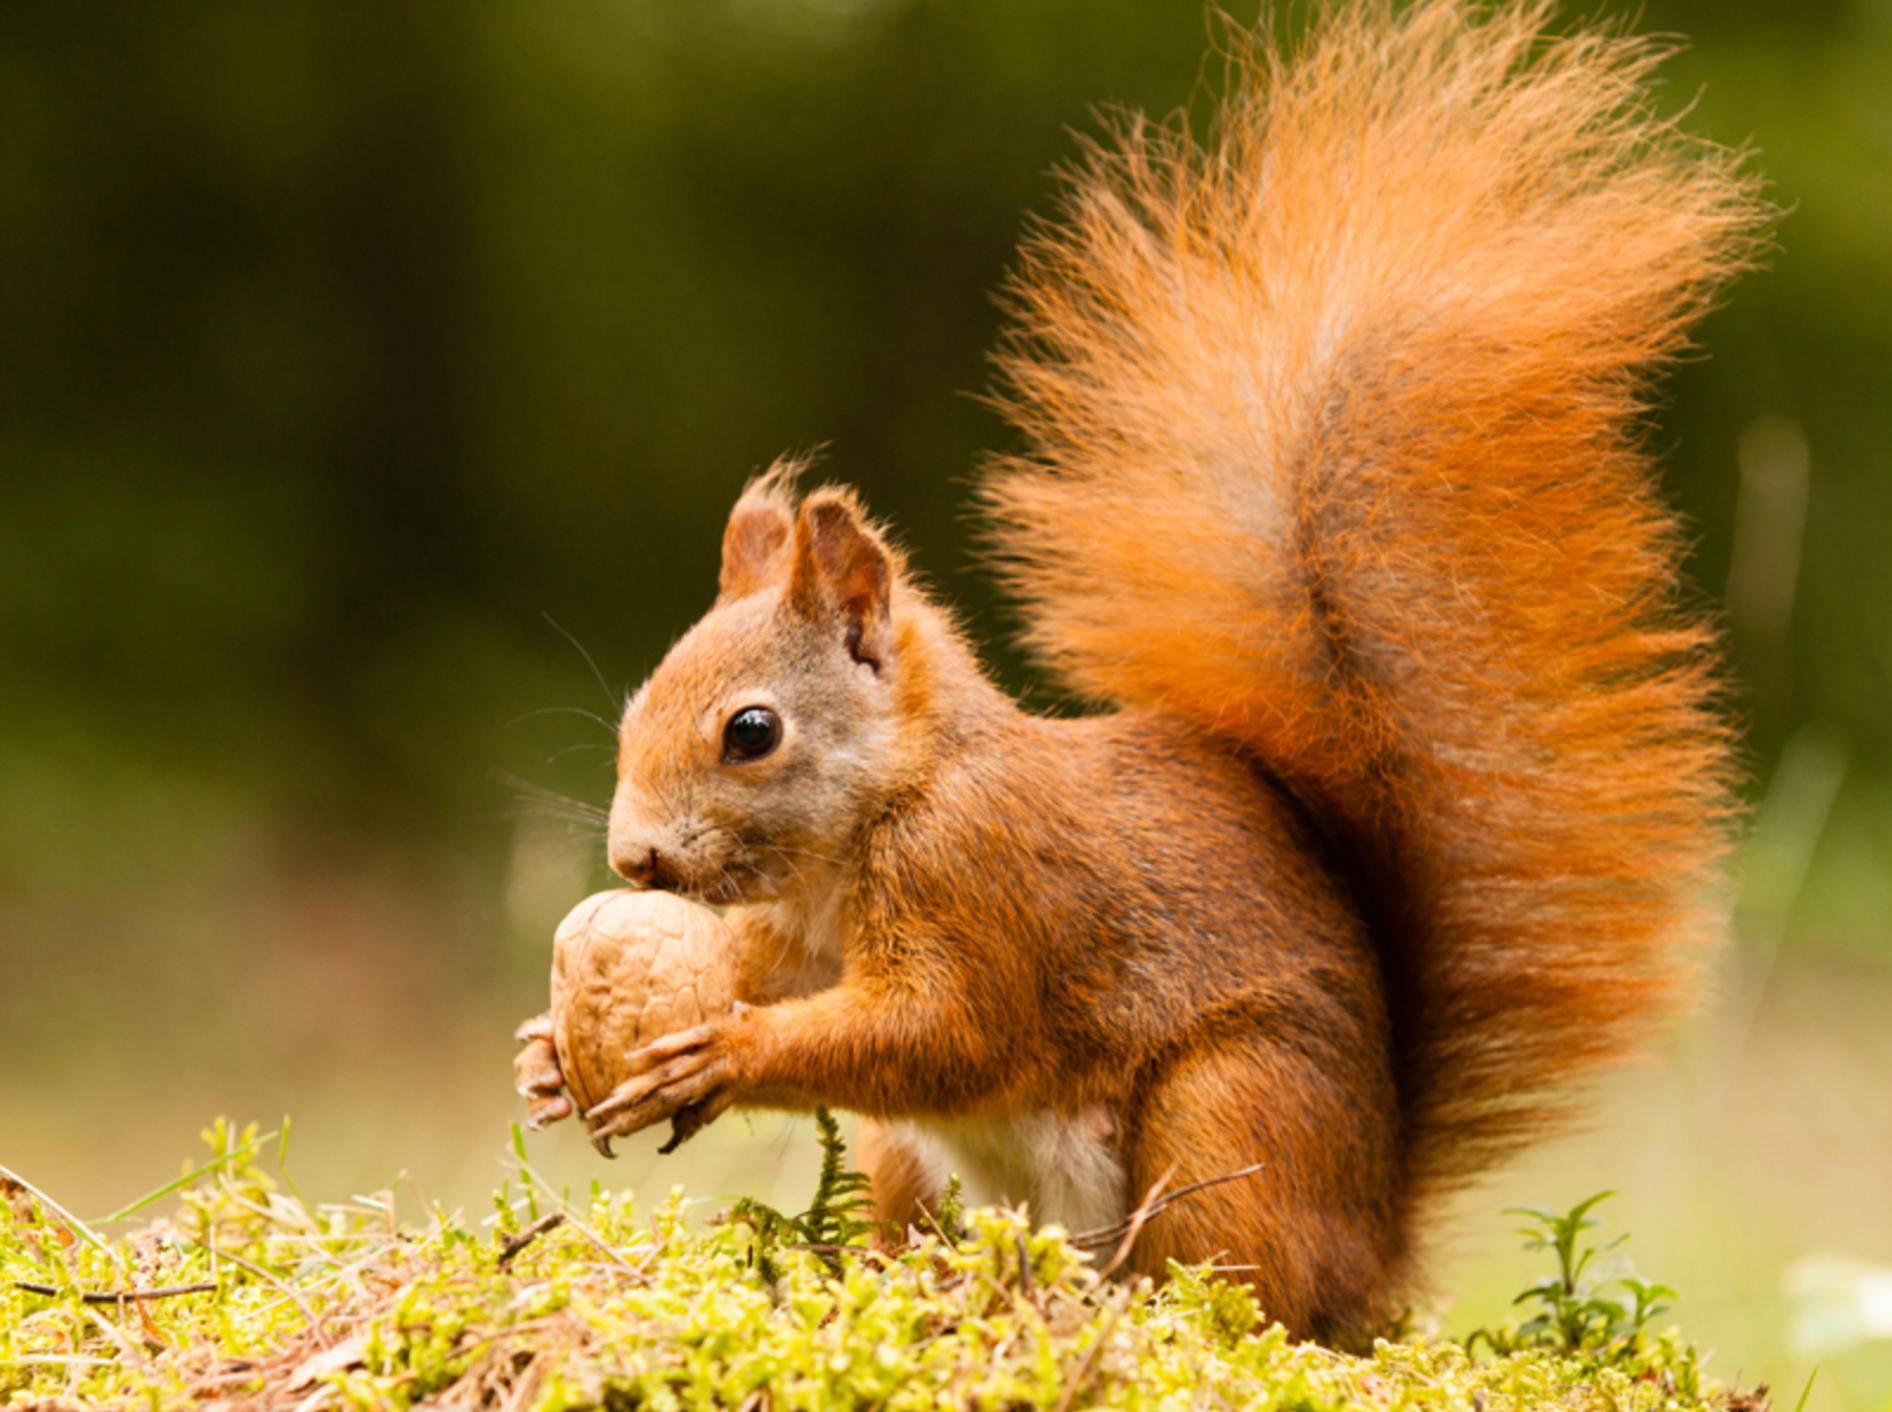 Dieses Eichhörnchen freut sich über die wiedergefundene Nuss – Shutterstock / Jarry